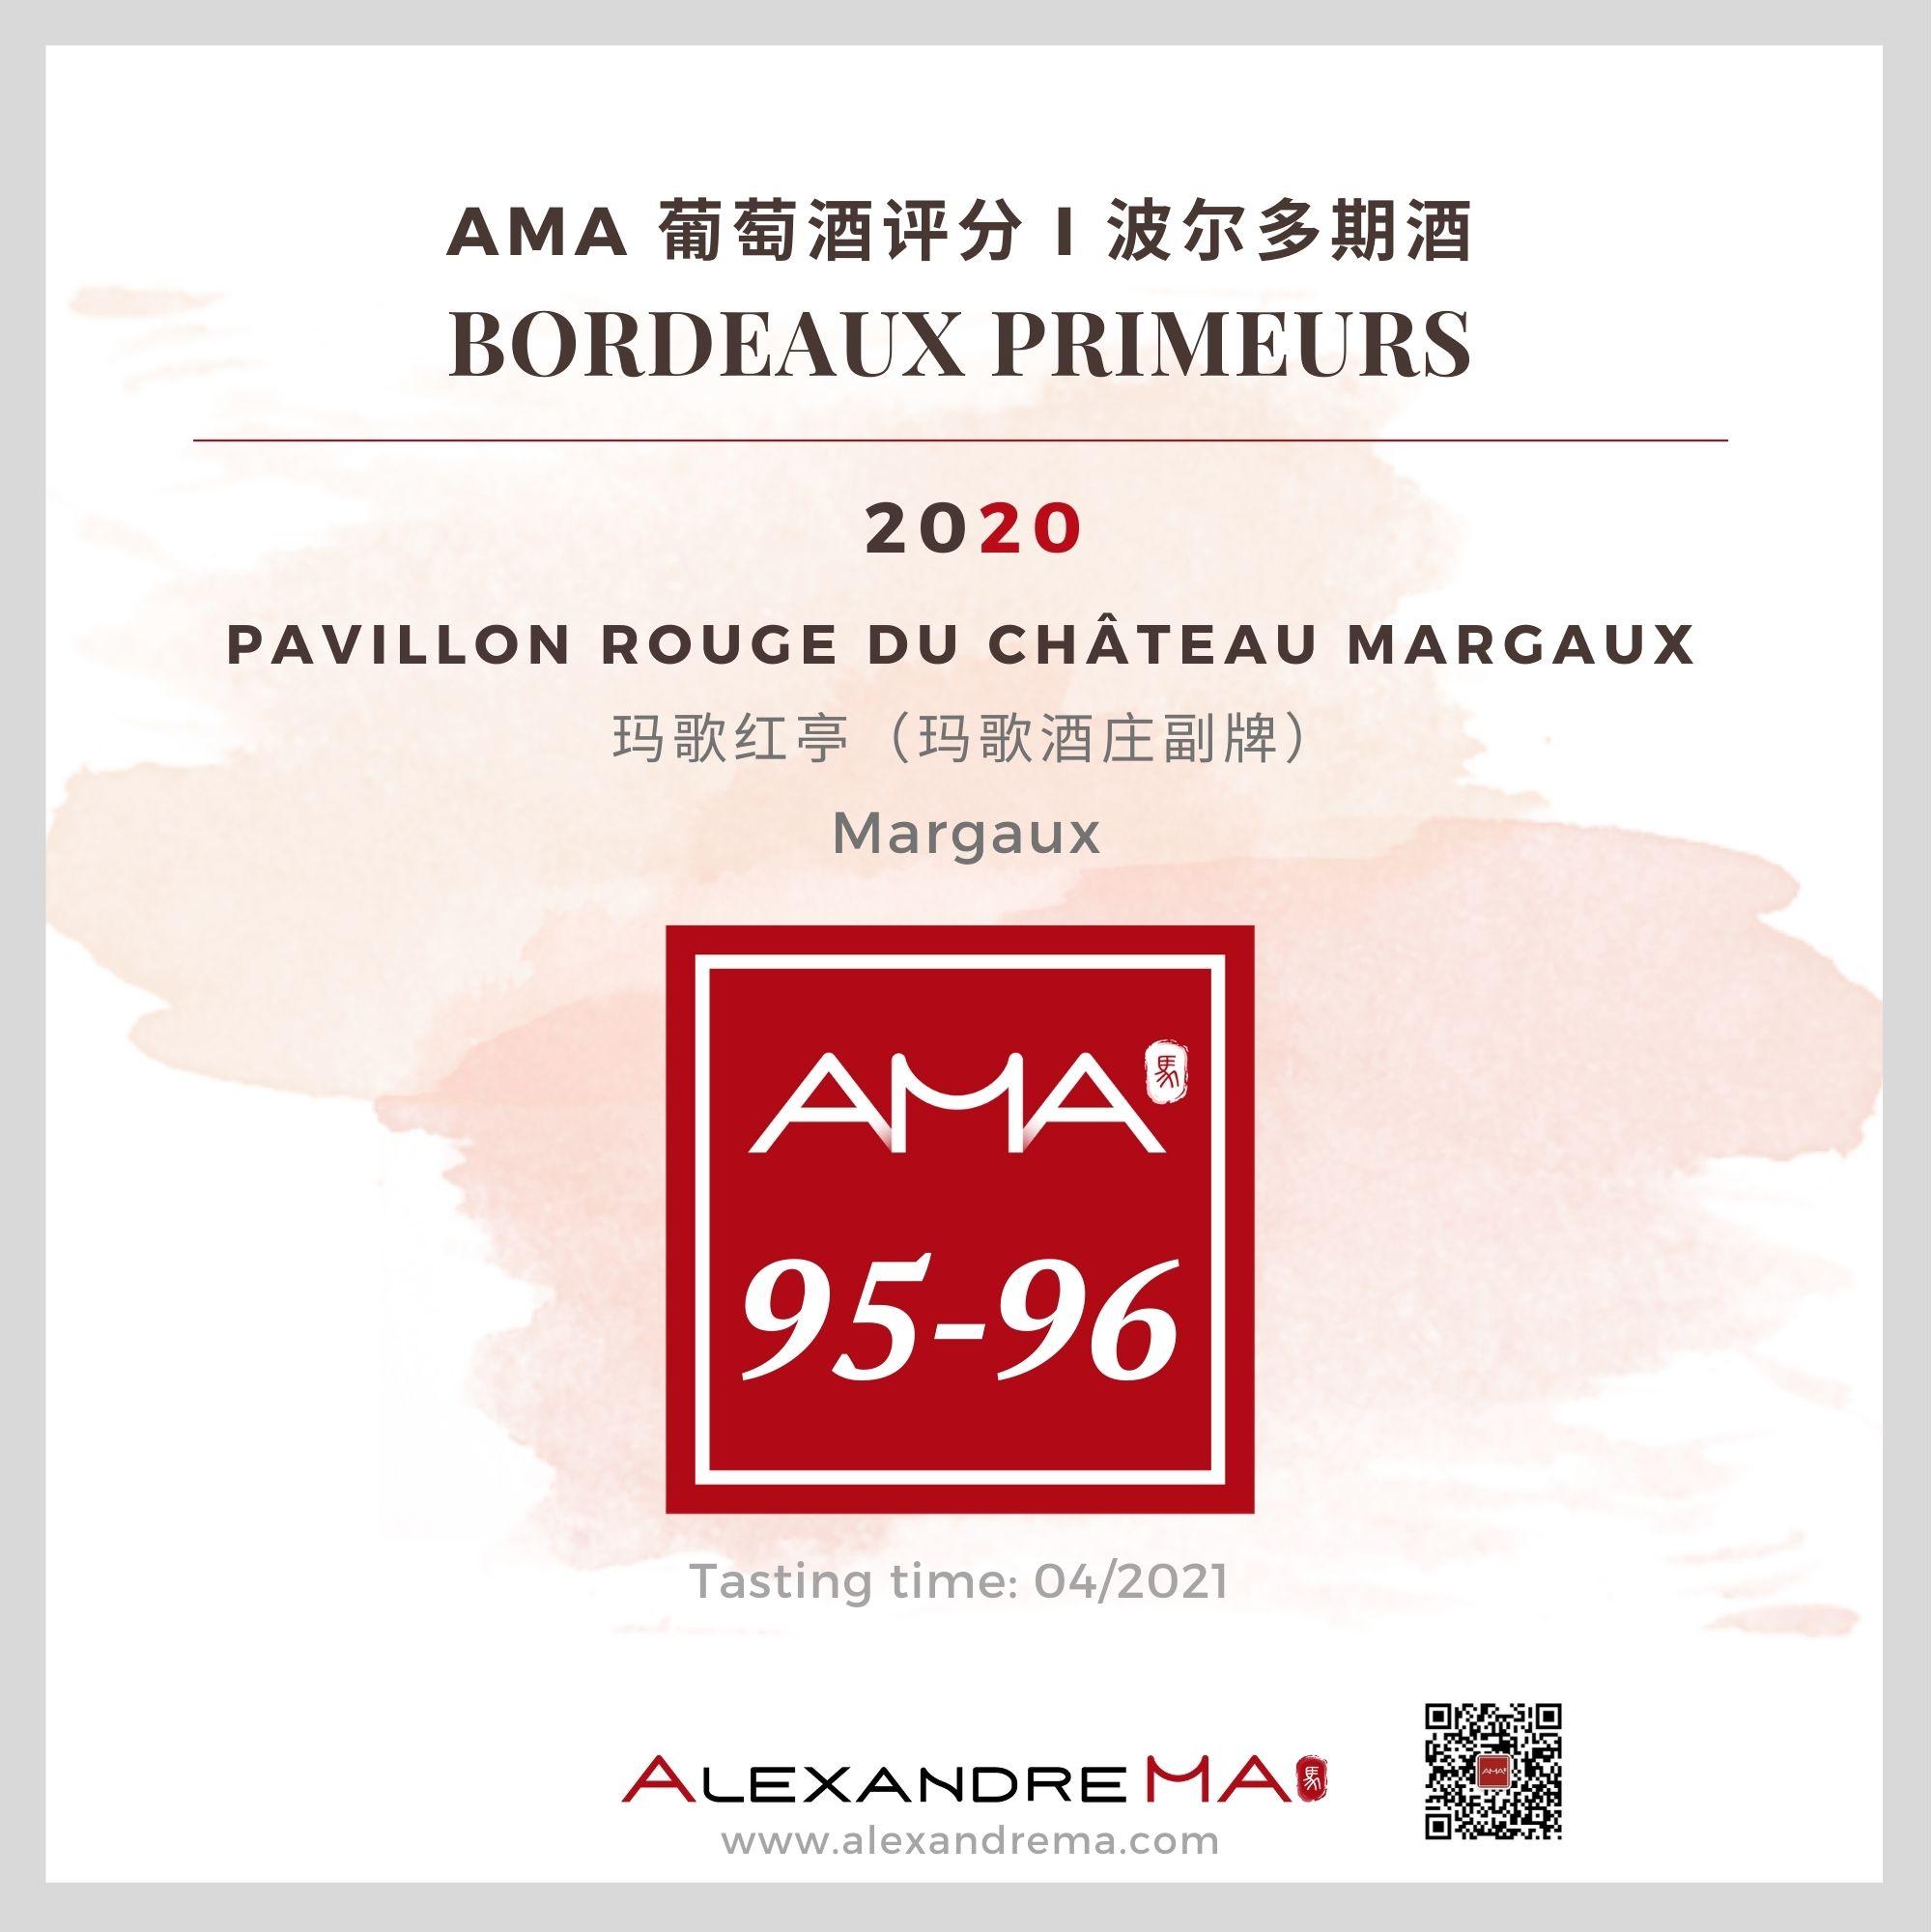 Château Margaux – Pavillon Rouge du Château Margaux 2020 - Alexandre MA